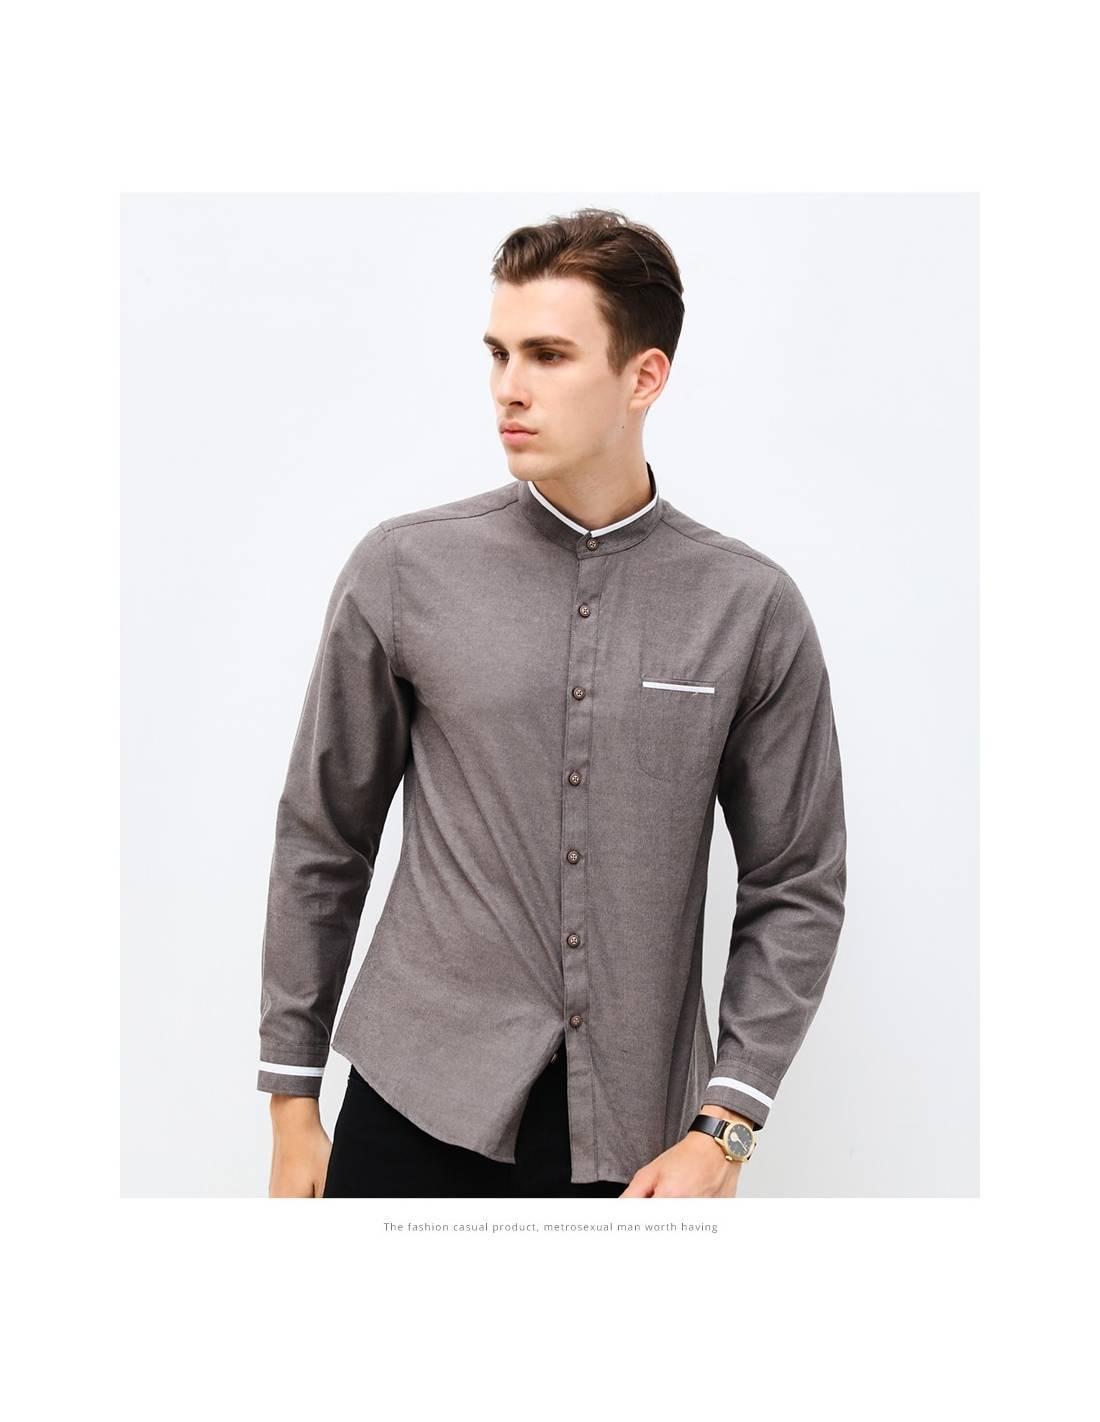 Vêtements japonais et coréens pour garçons - Chemises japonais et ... 7031baa7cec